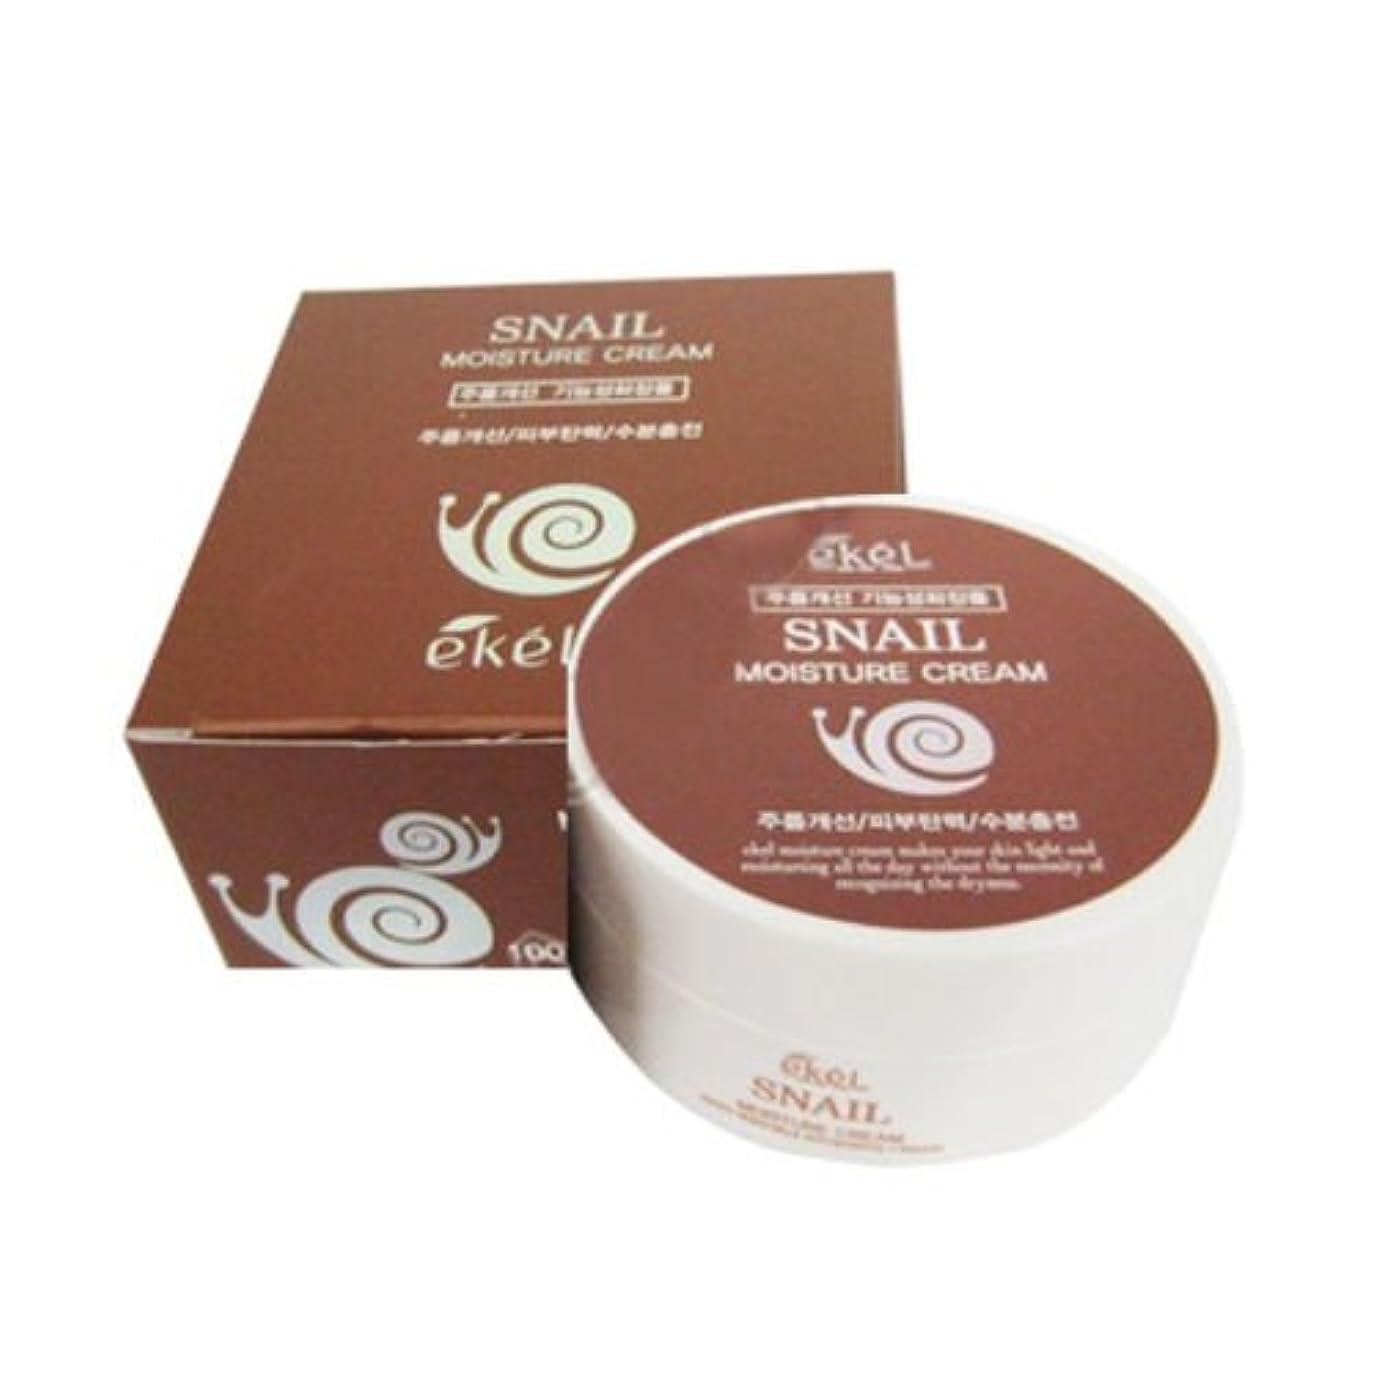 平和な言う泣いているイケル[韓国コスメEkel]Snail Moisture Cream カタツムリモイスチャークリーム100g [並行輸入品]